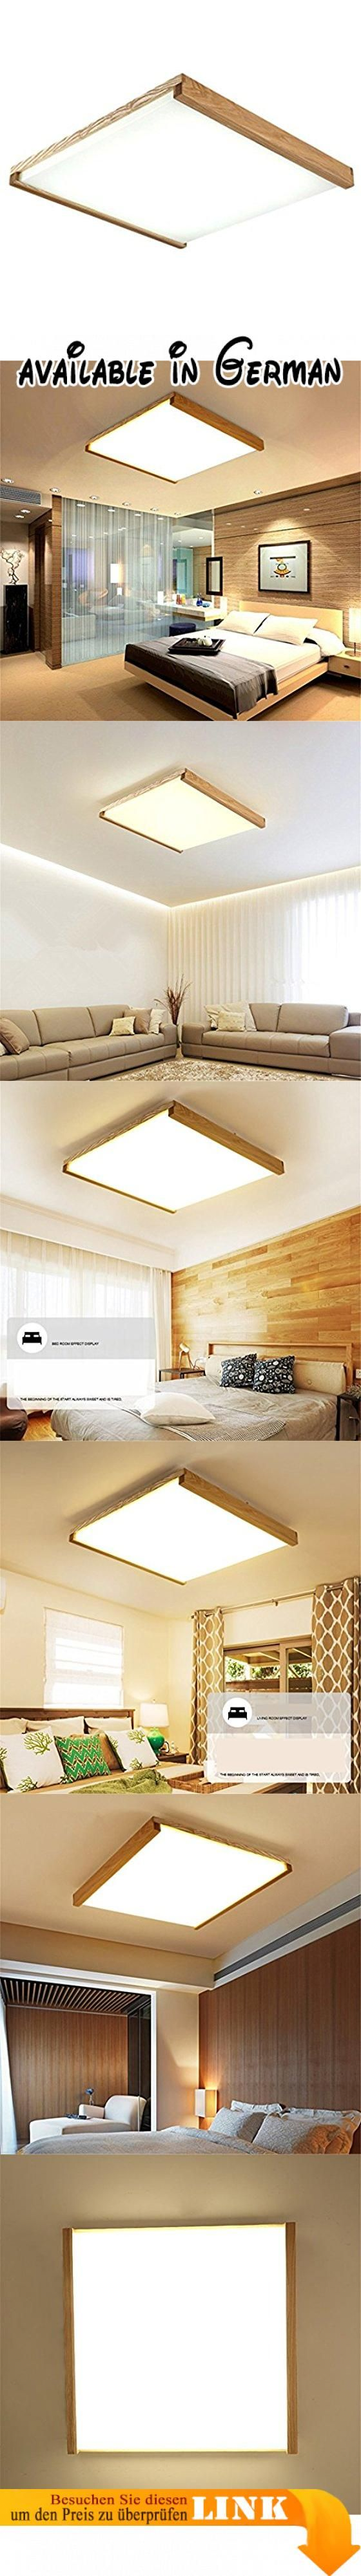 ZHUYANPENG Schlafzimmer Führte Deckenleuchte Nordic Holz Wohnzimmer  Deckenleuchte Kinderzimmer Küche Massivholz Einfache Deckenleuchte Acryl  Schattu2026